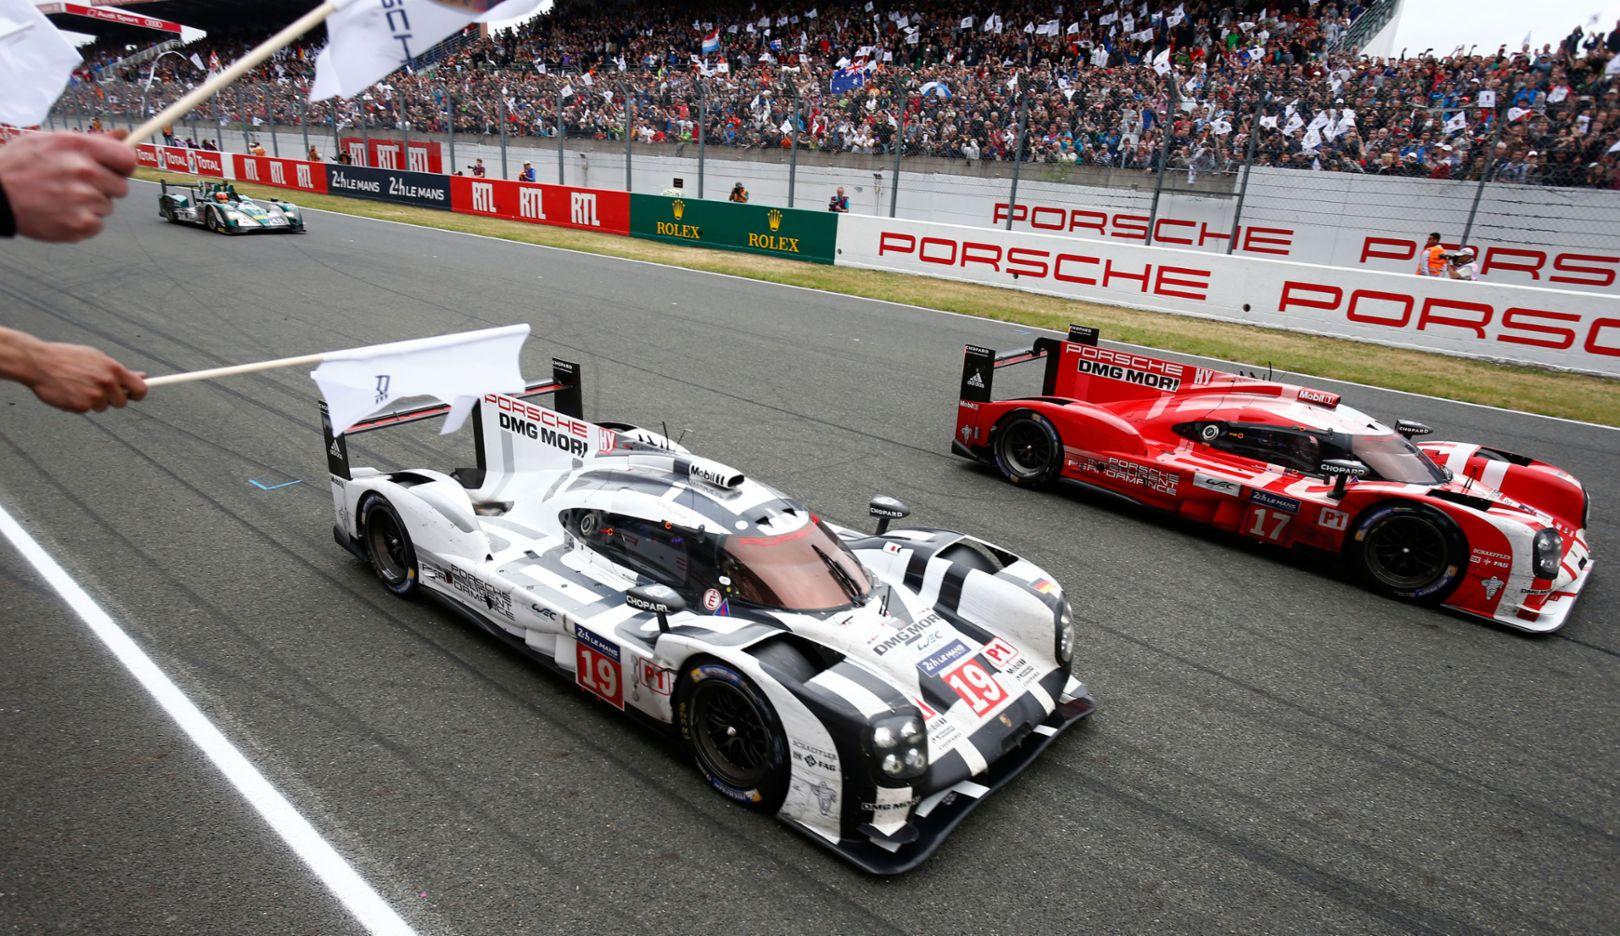 919 Hybrid, Nr 19, 919 Hybrid, Nr 17, Zieleinfahrt, Le Mans, 2015, Porsche AG